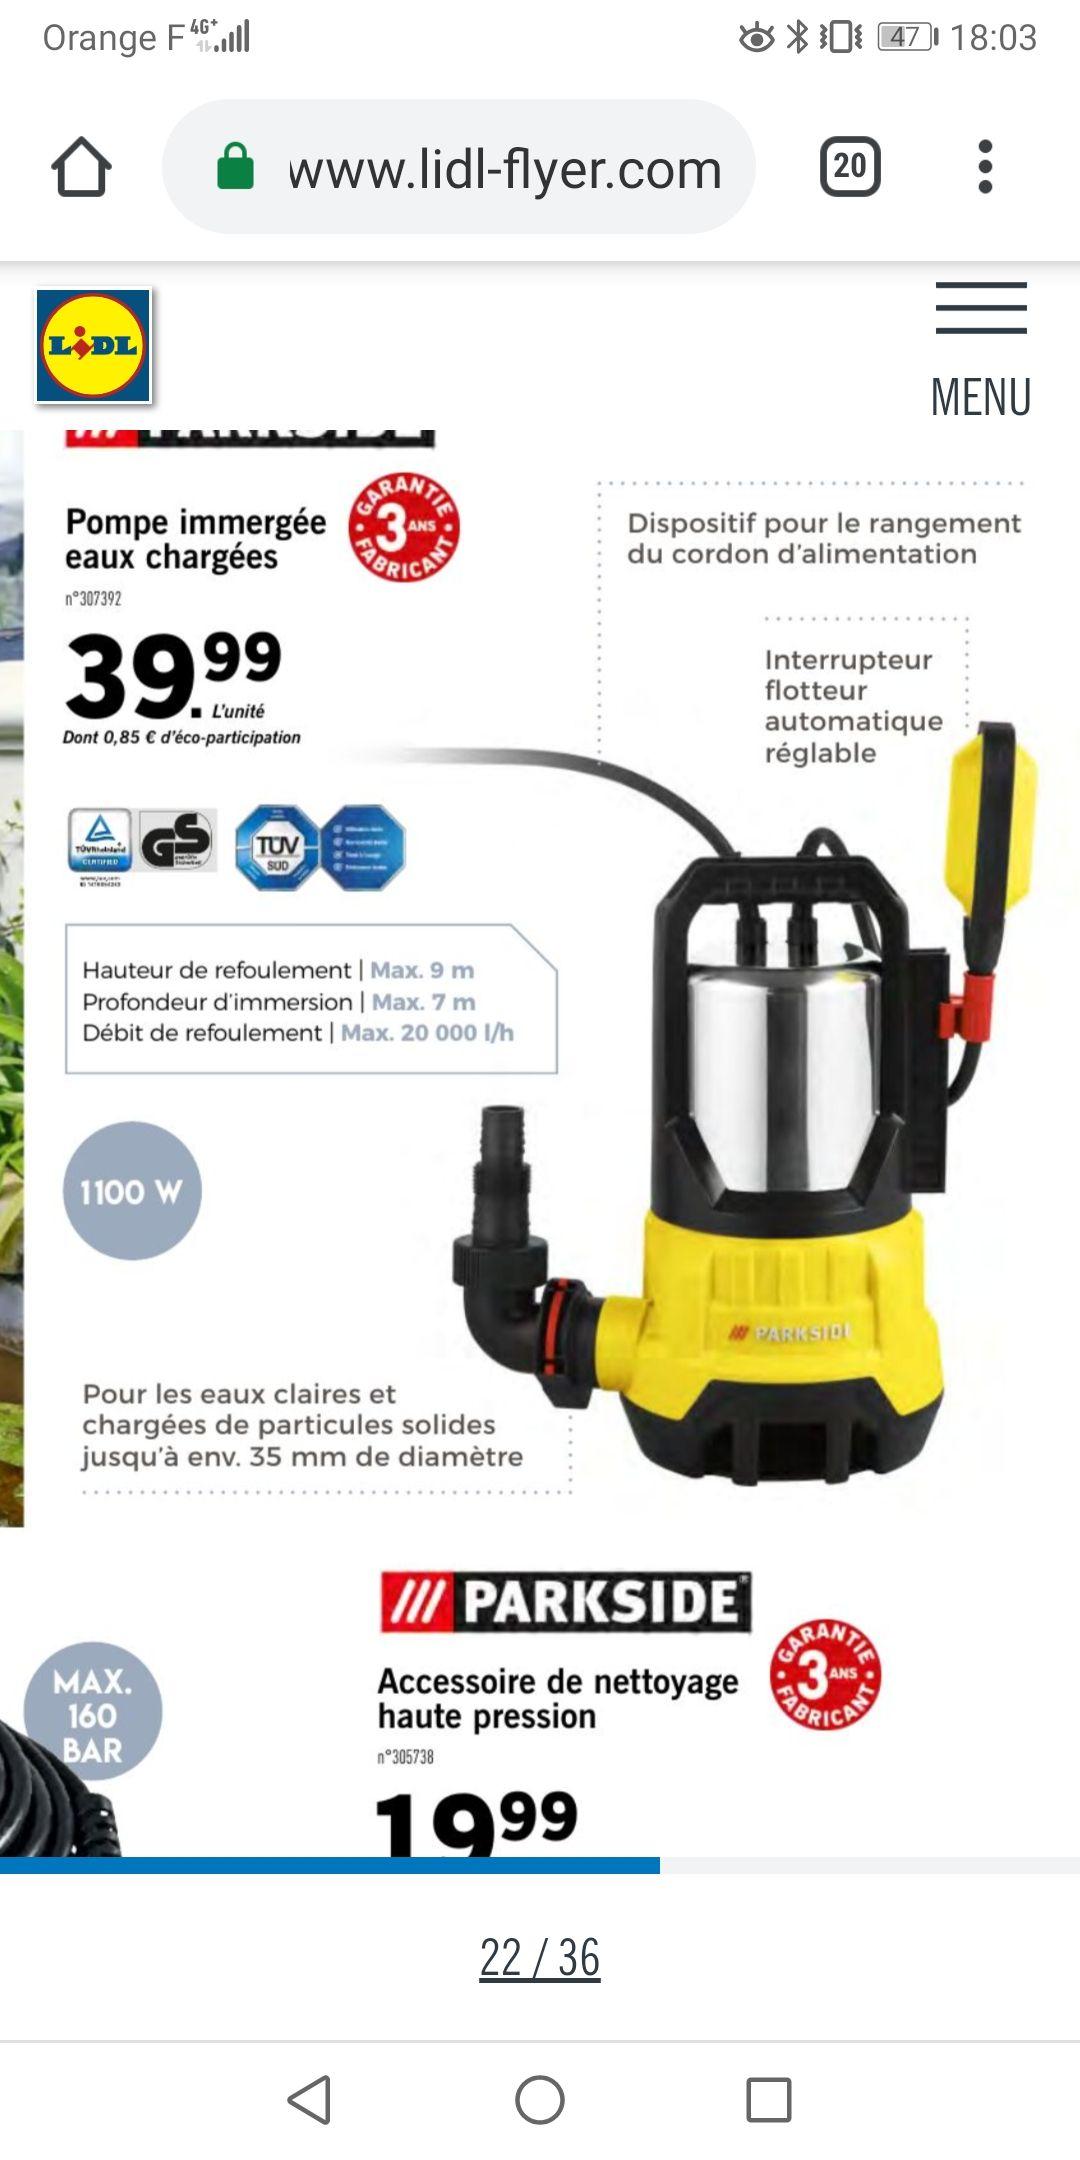 Pompe Immergee Pour Eaux Chargeex Parkside 1100 W Dealabs Com